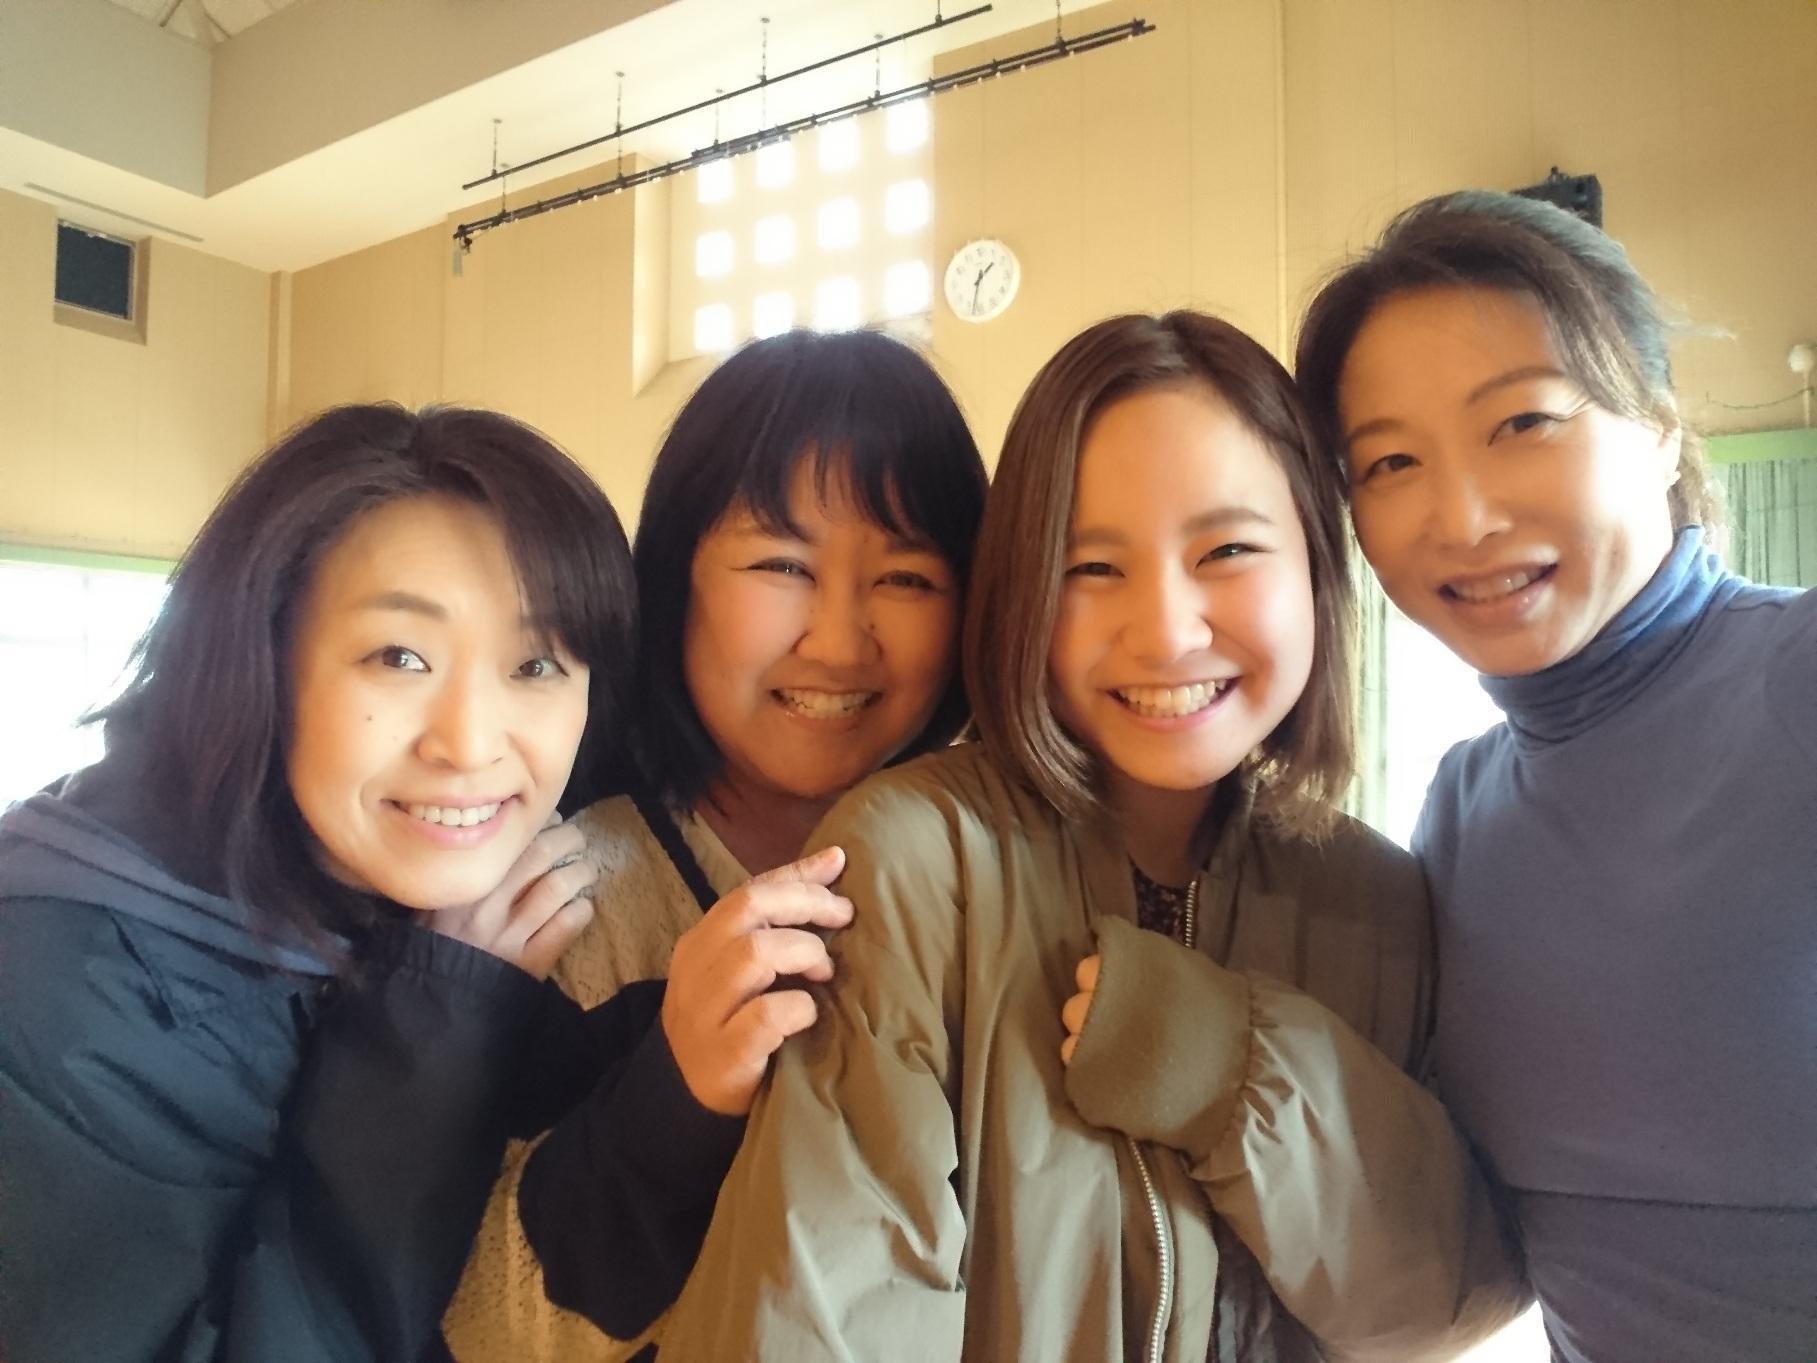 moblog_eae53d46.jpg